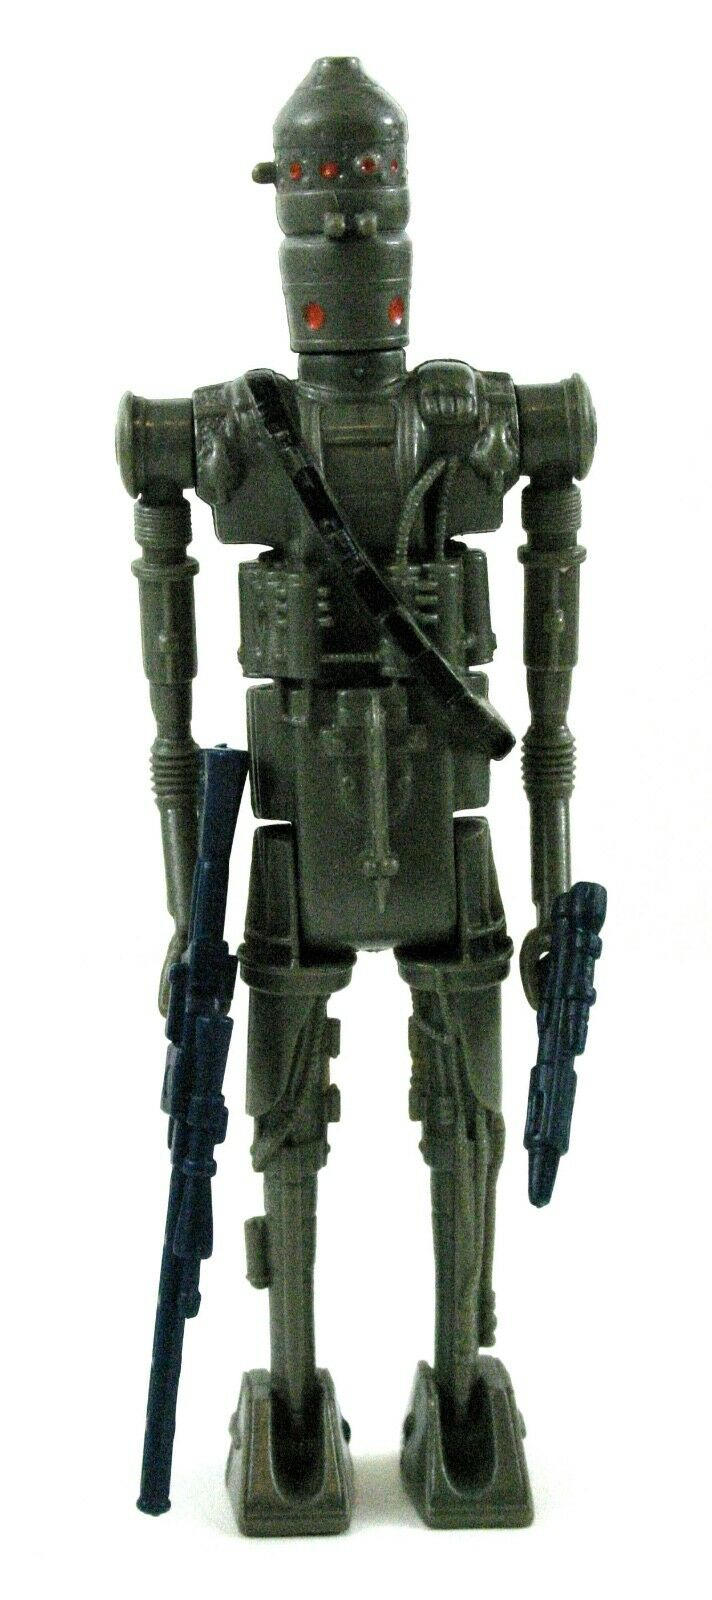 Vintage IG-88 Star Wars action figure figure figure 0264b6